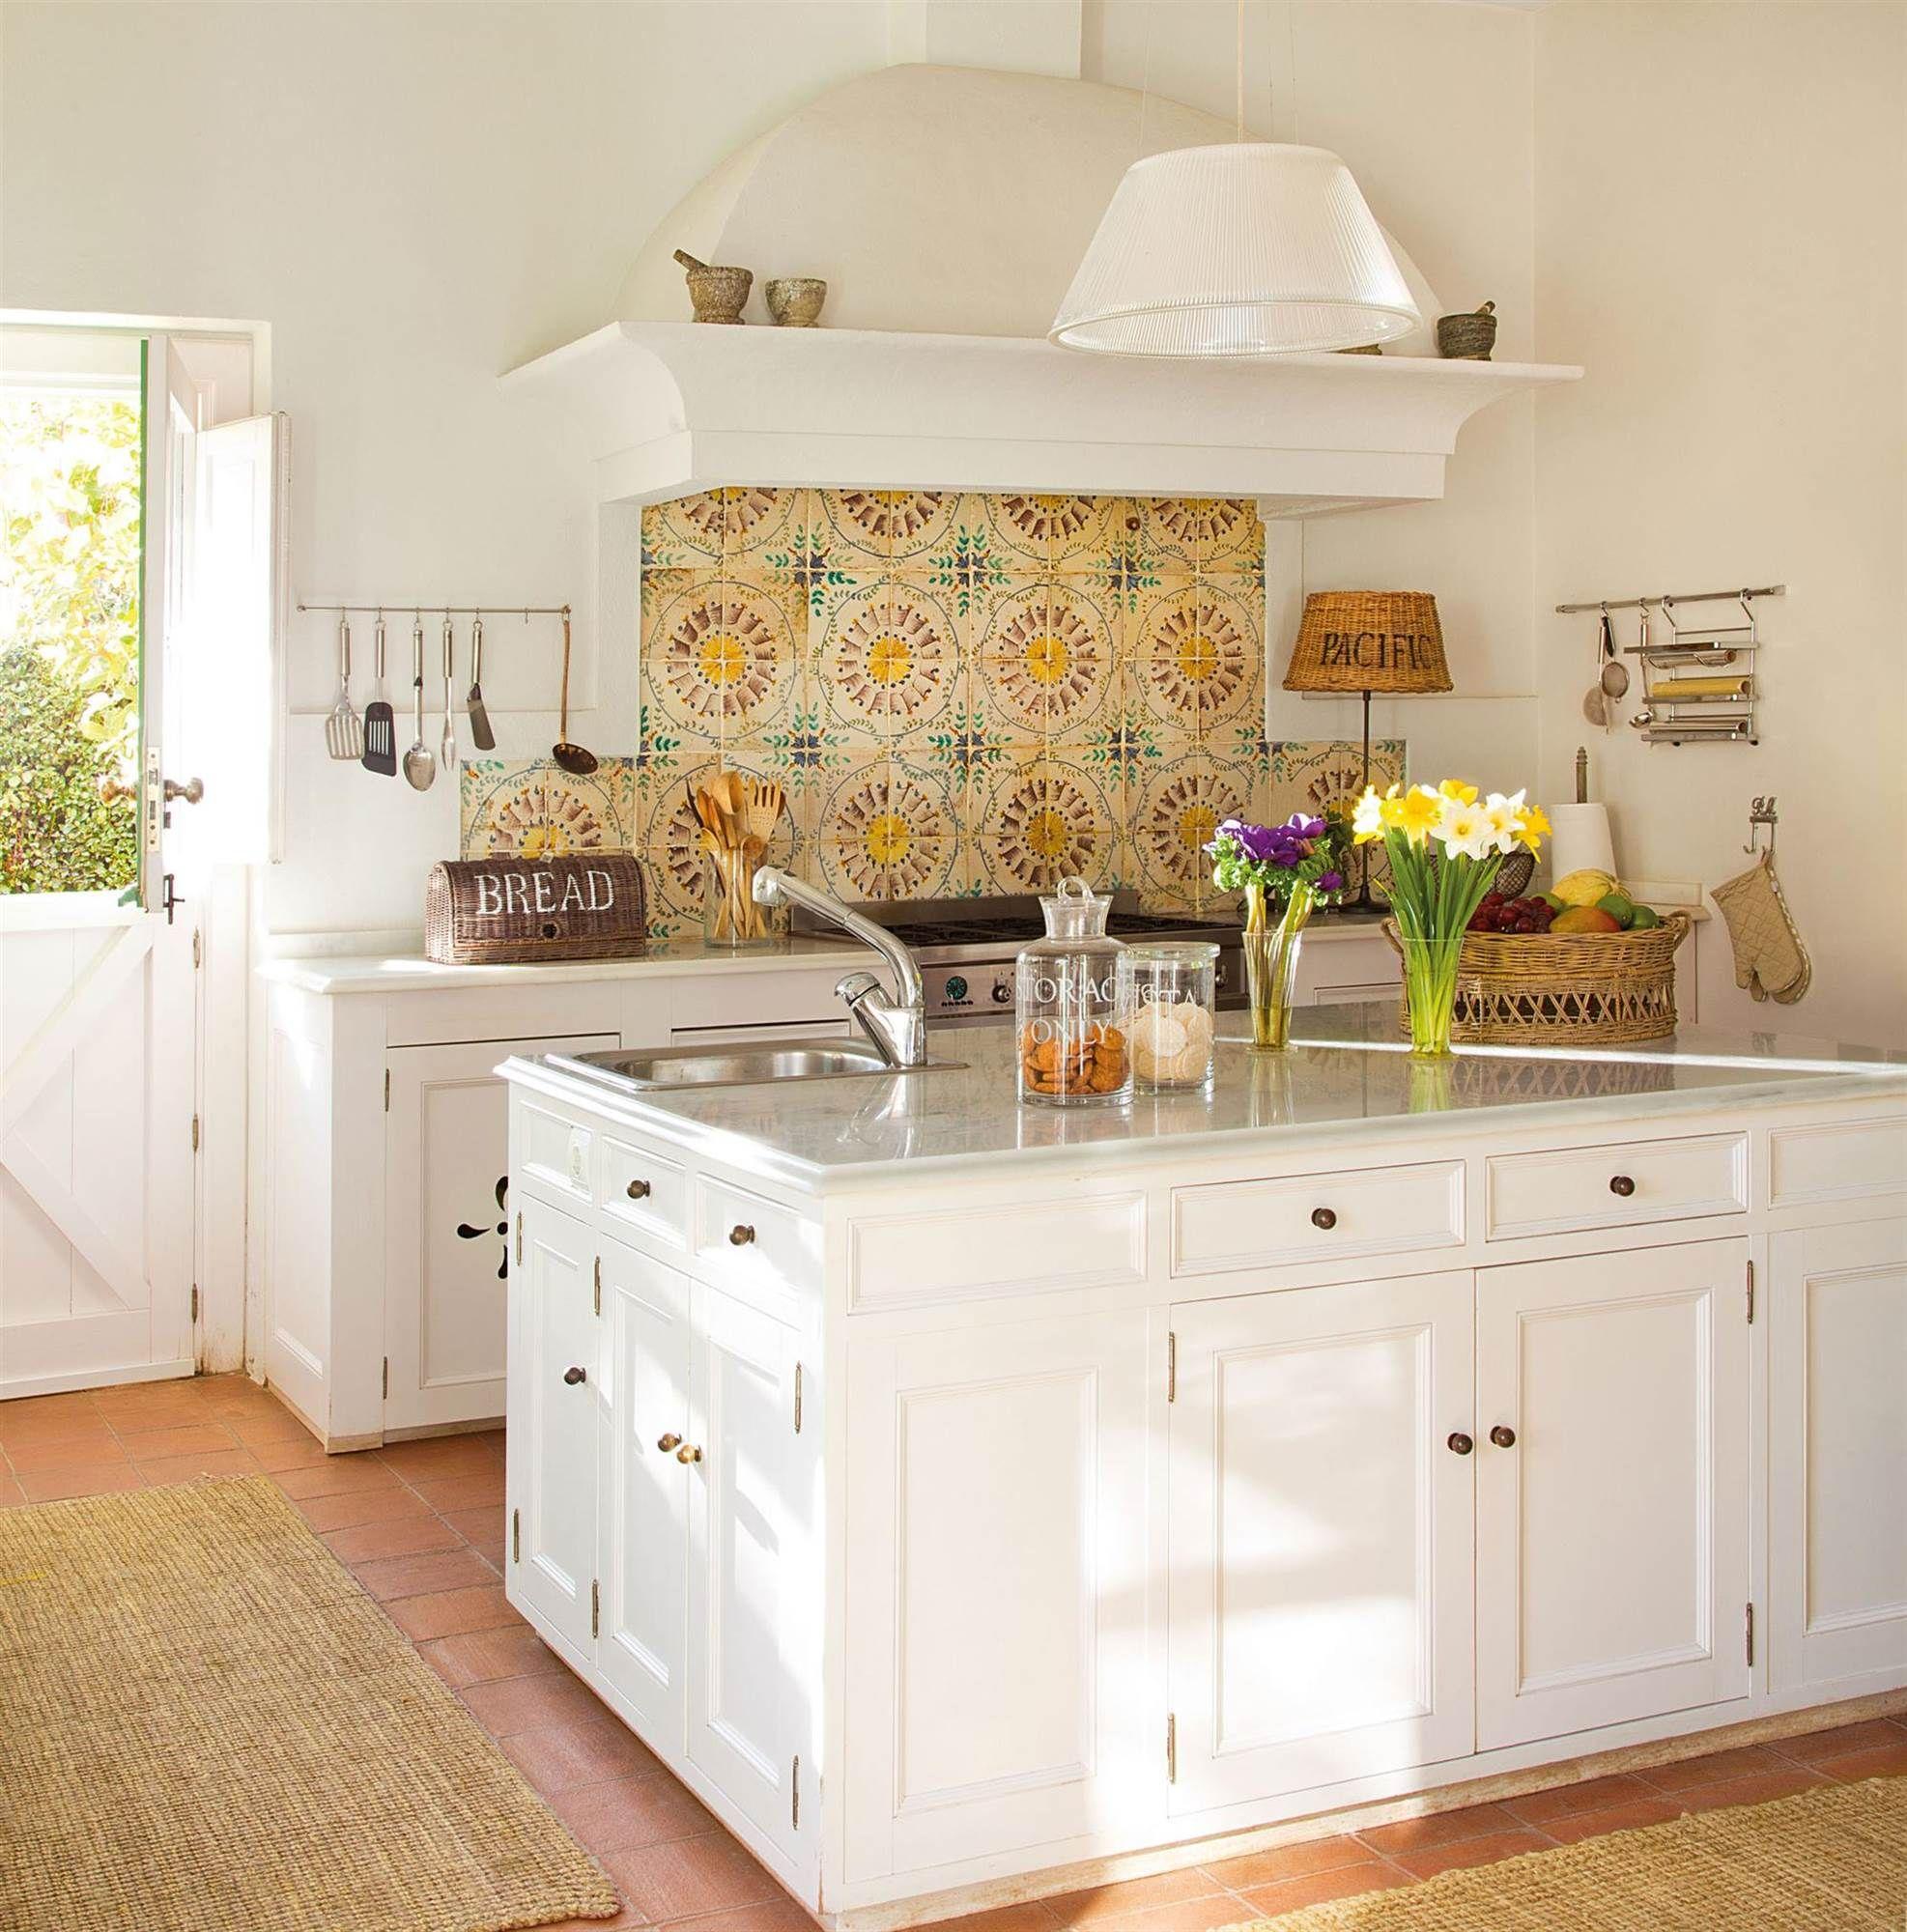 Cocina con isla central blanca y salpicadero con azulejos de ...